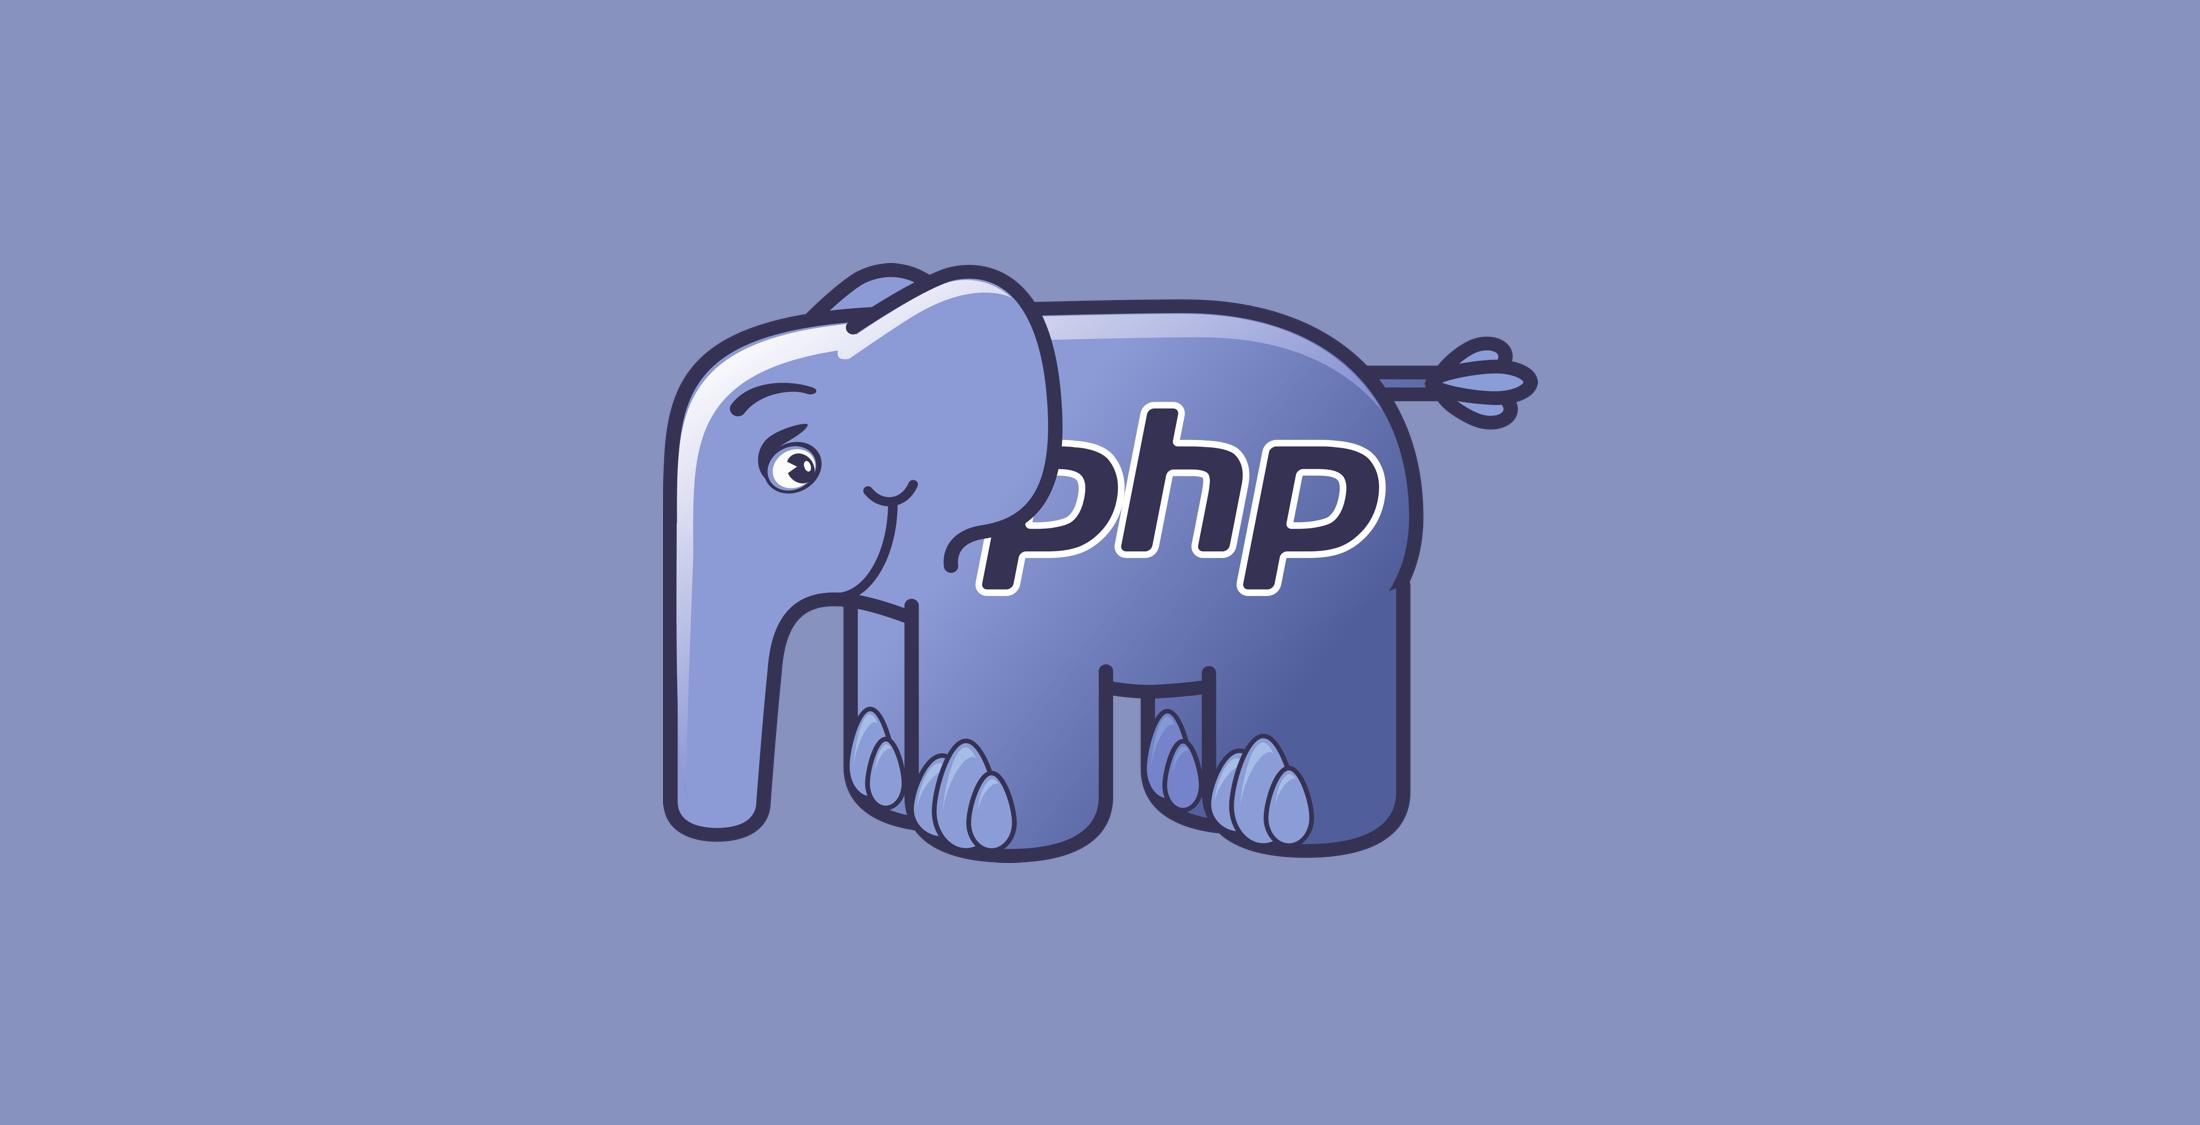 نحوه انتخاب اولین کاراکتر از رشته(string) در PHP